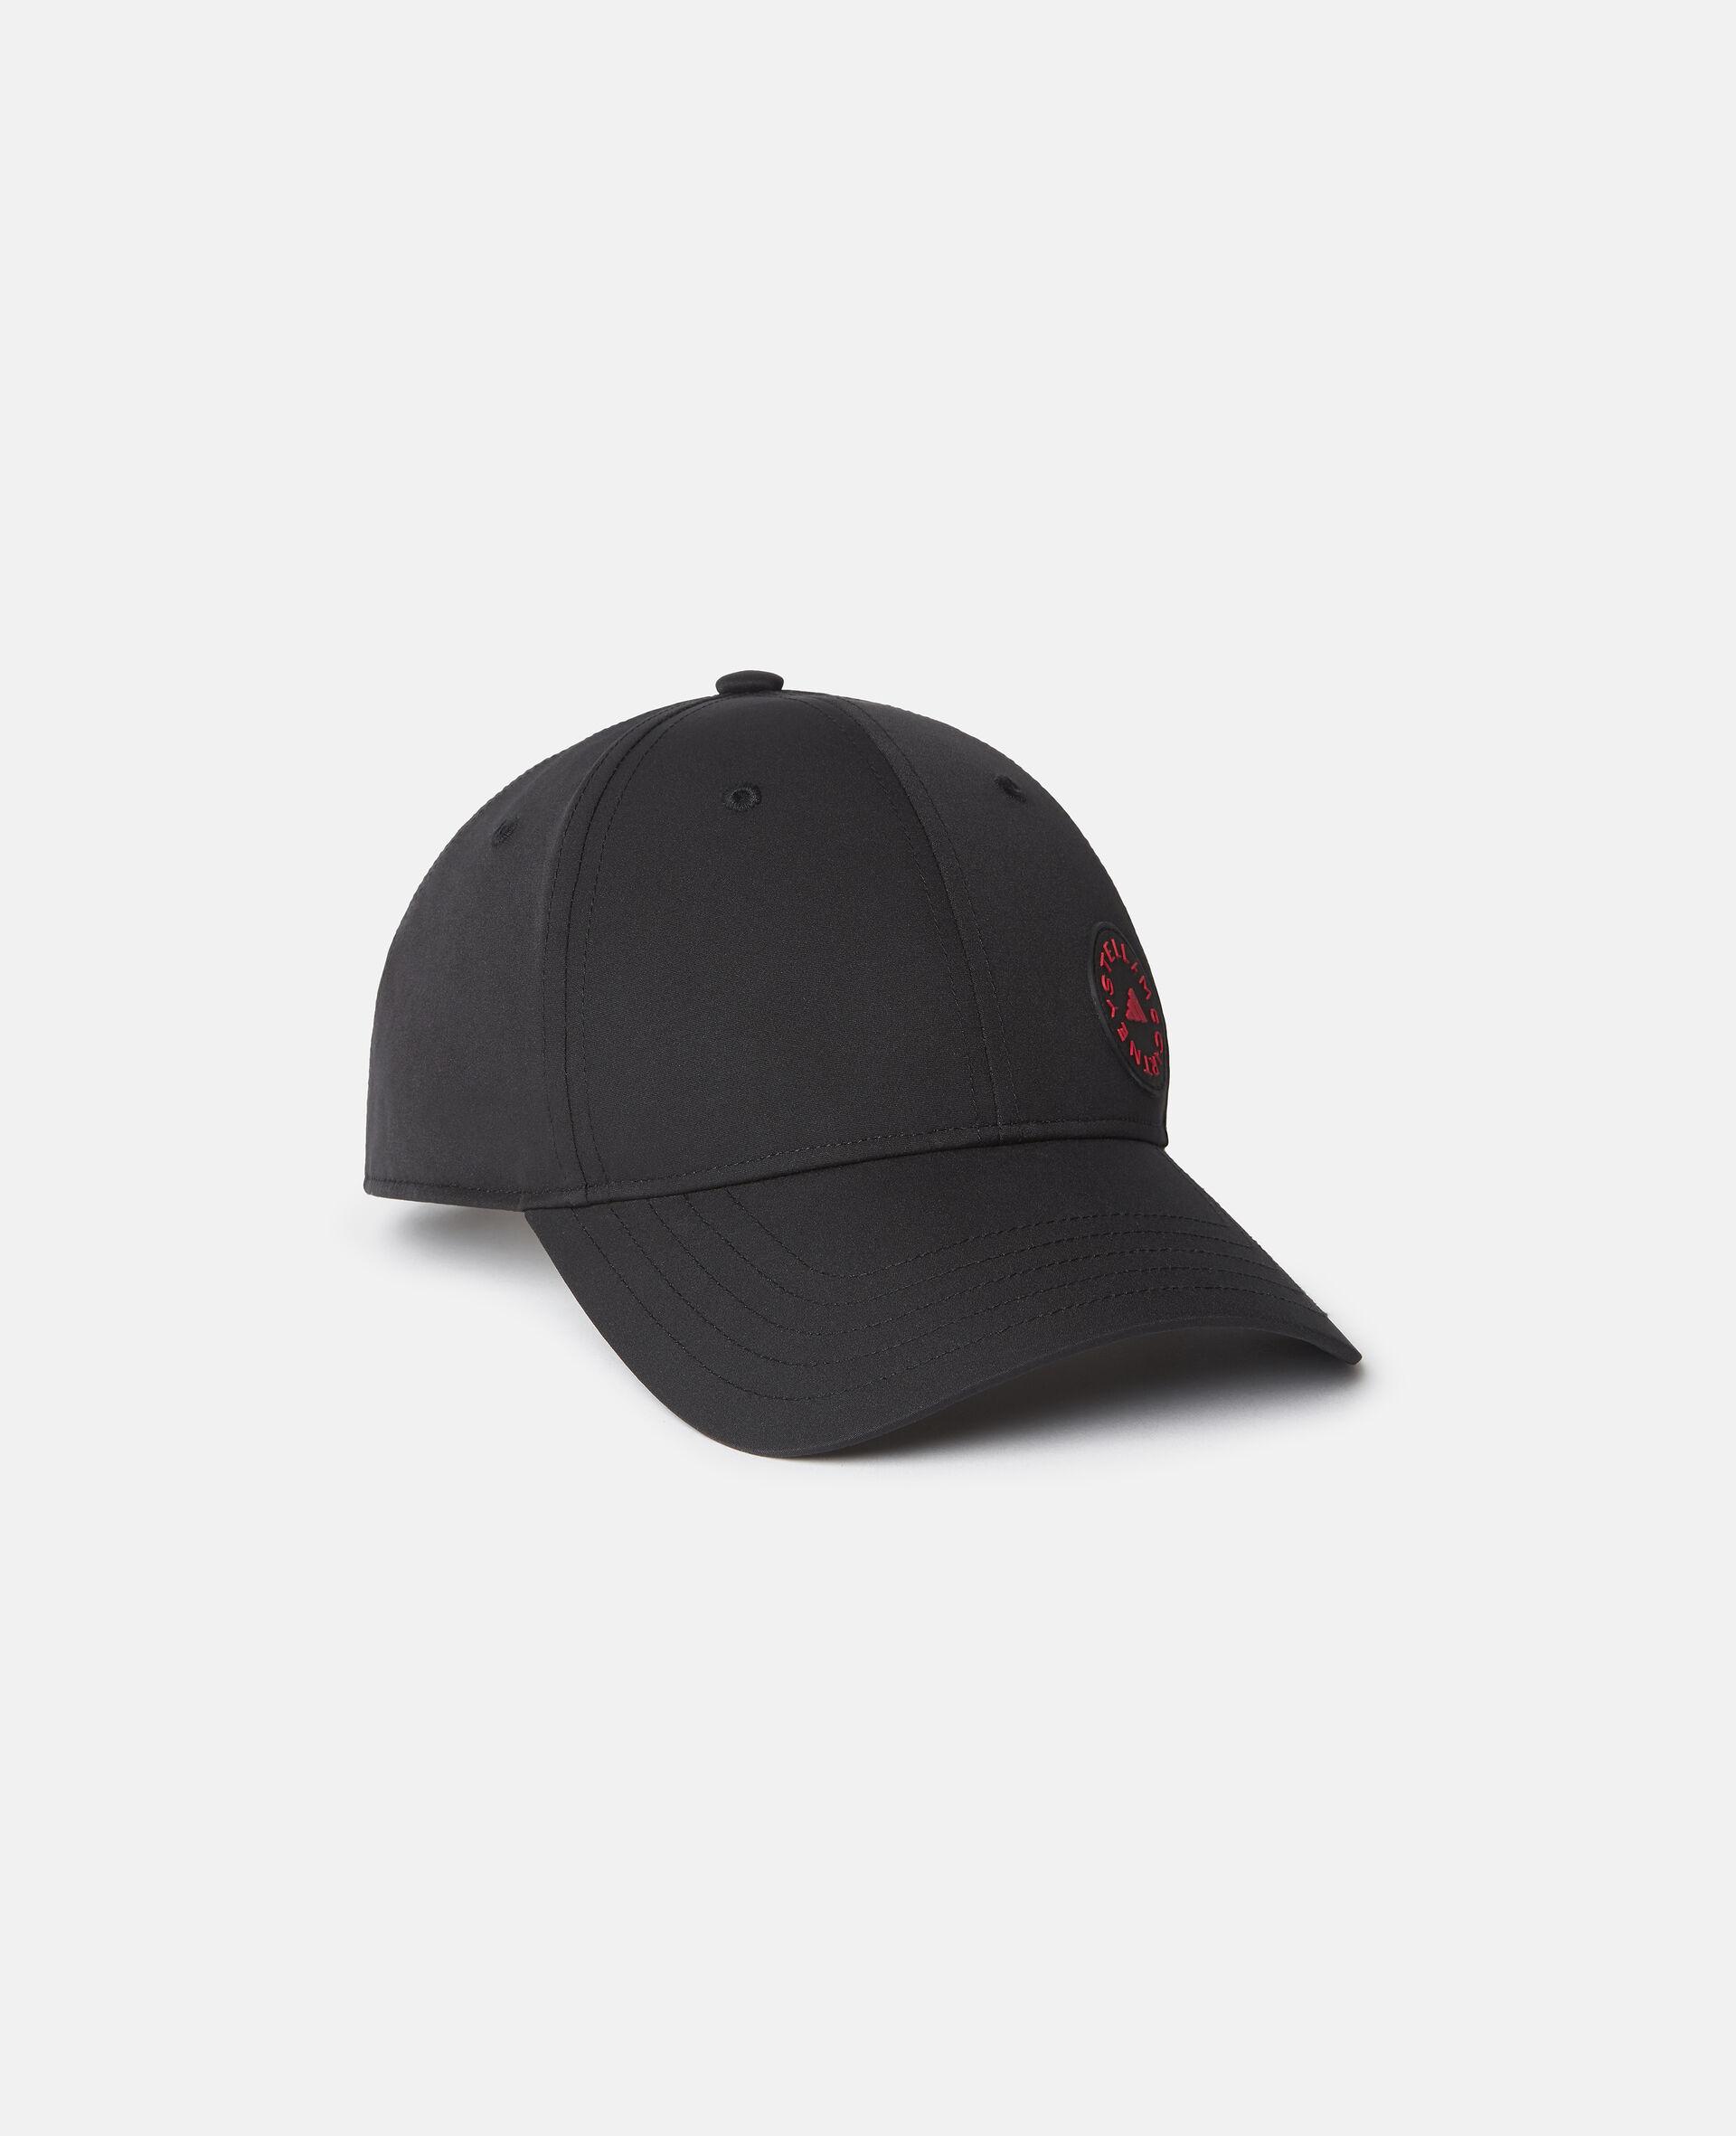 Black Cap-Black-large image number 2